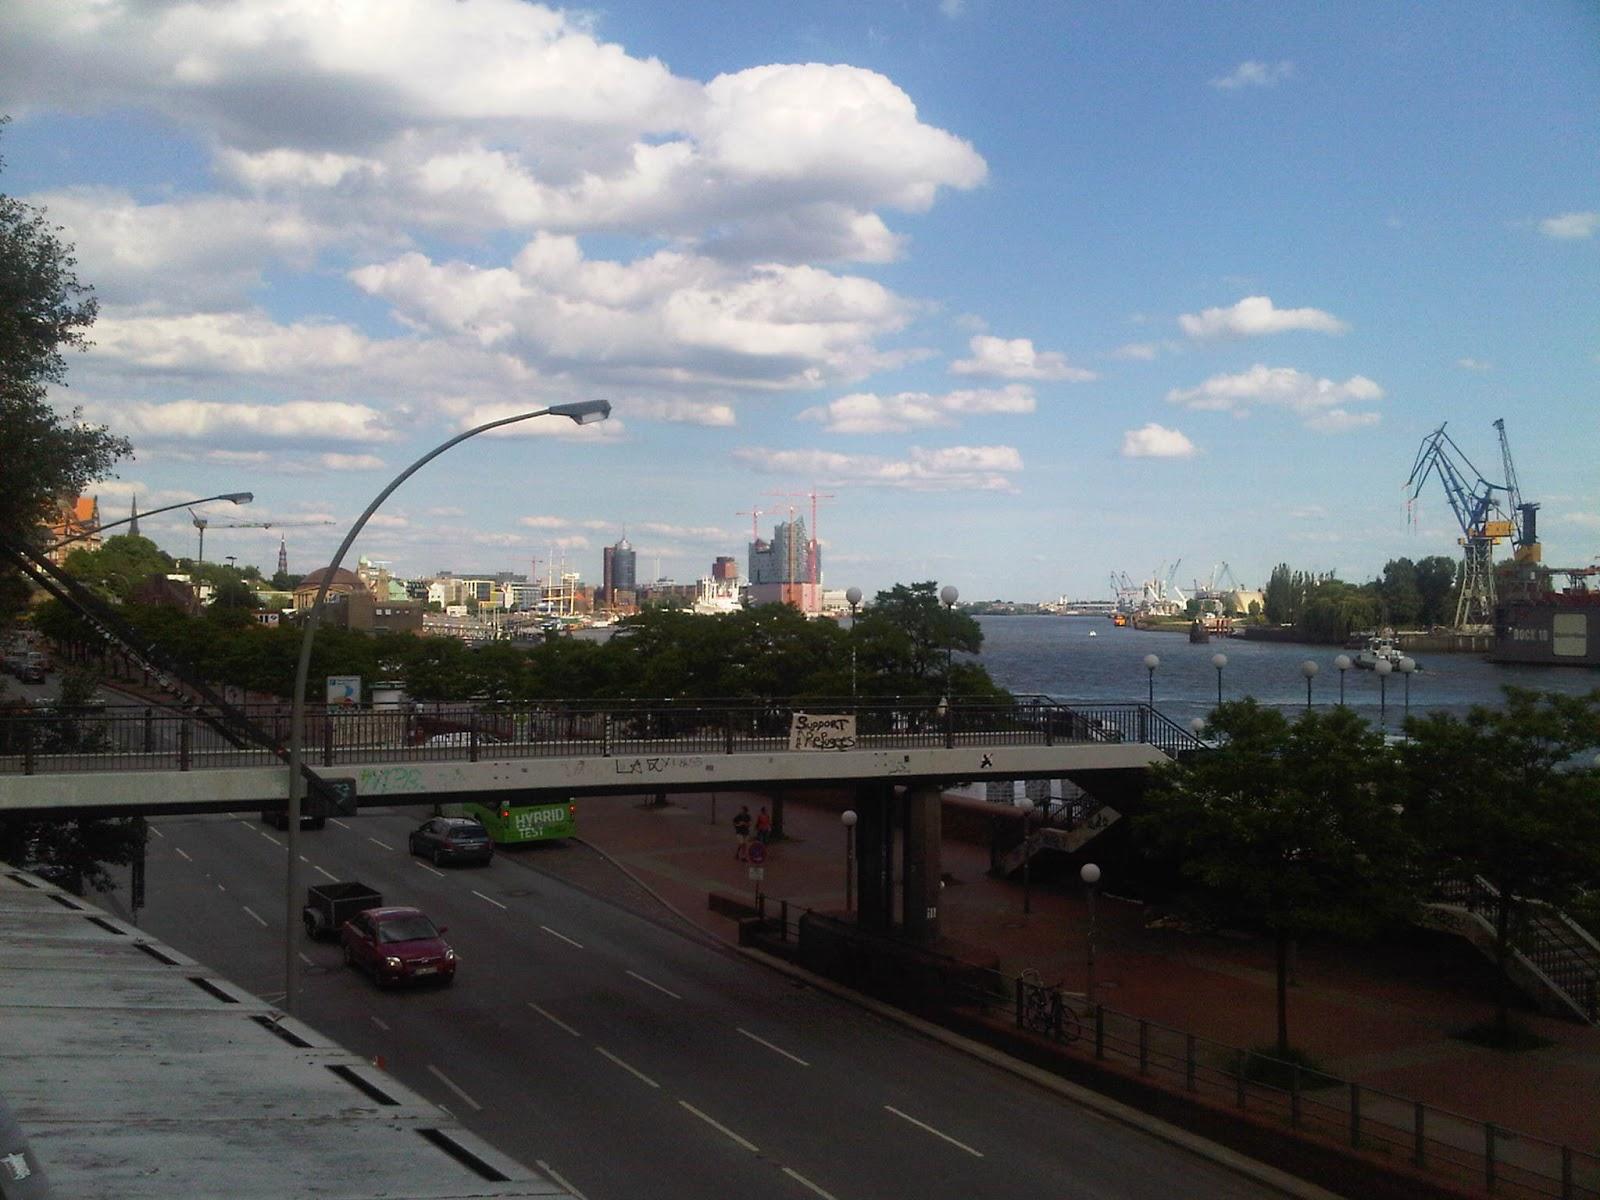 Blick elbaufwärts in den Hafen hinein. Hafenstraße, Brücke, Wolken, blauer Himmel. Kräne.